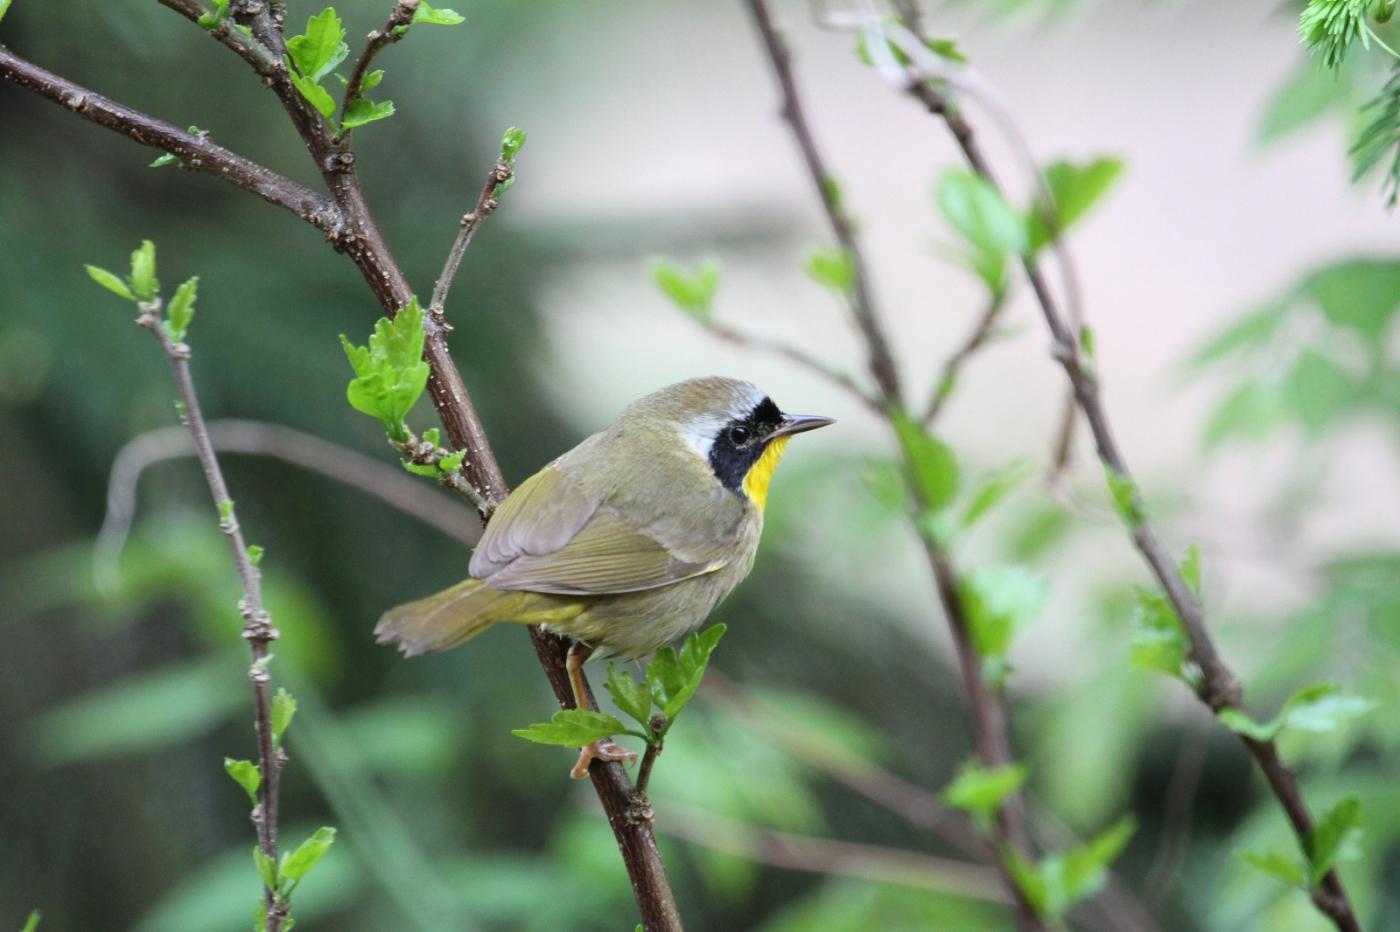 【田螺摄影】雨后窗外的小黄鸟_图1-8